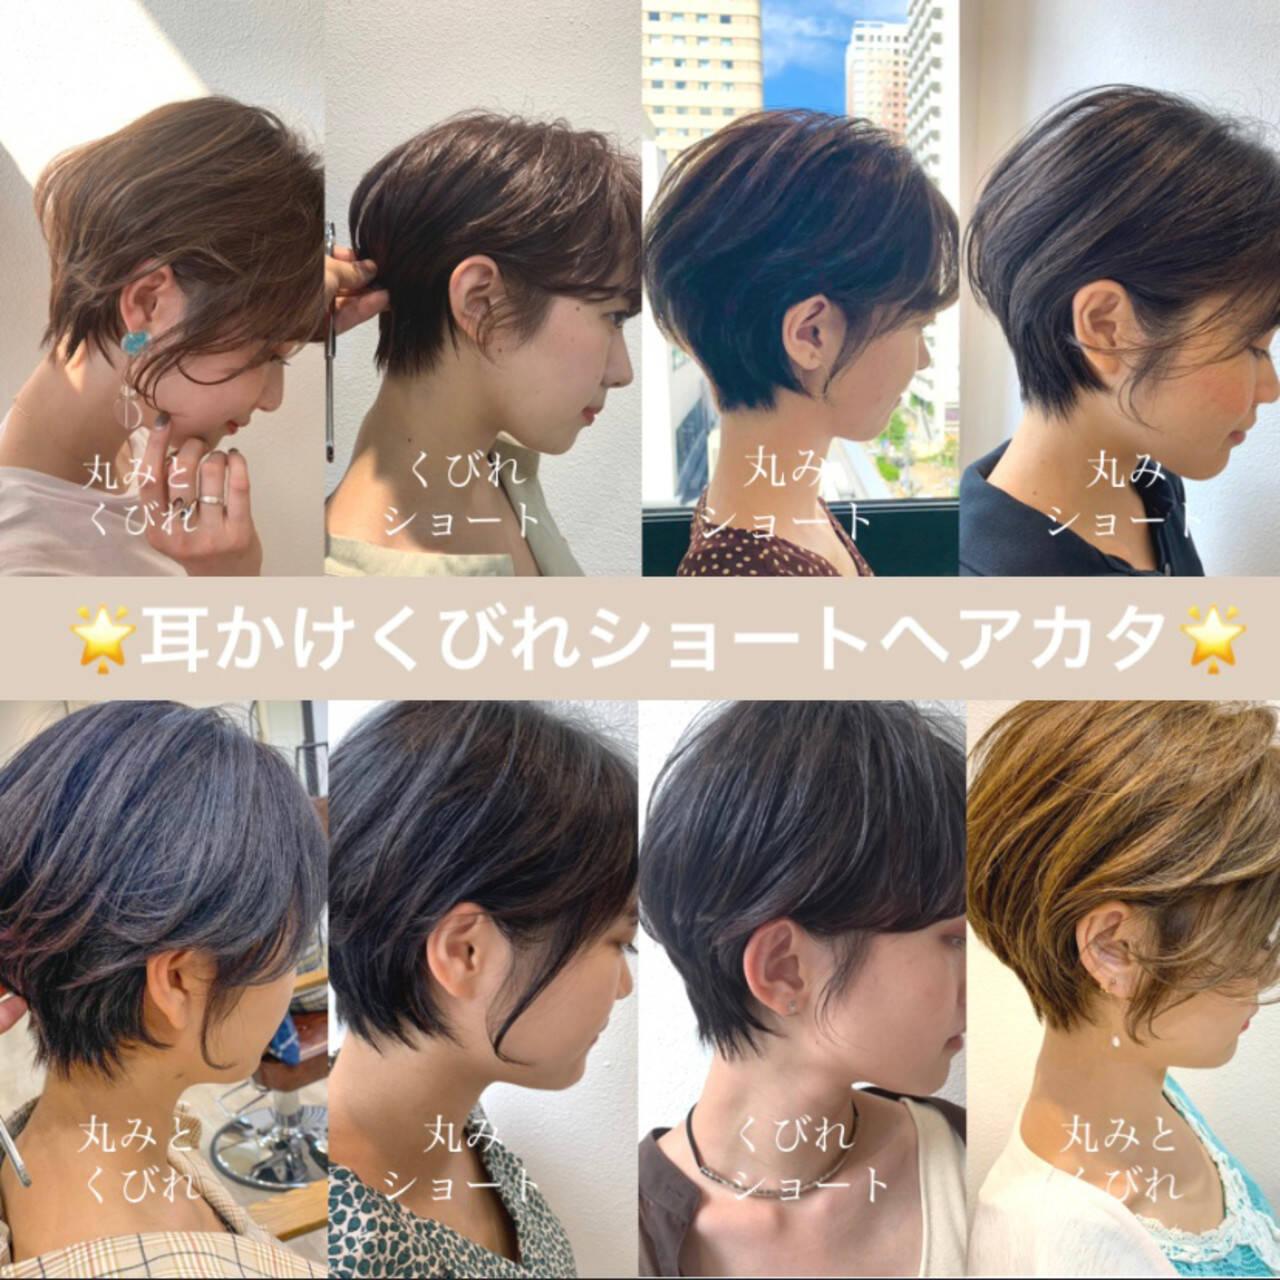 ショートボブ ナチュラル ショートヘア 簡単スタイリングヘアスタイルや髪型の写真・画像